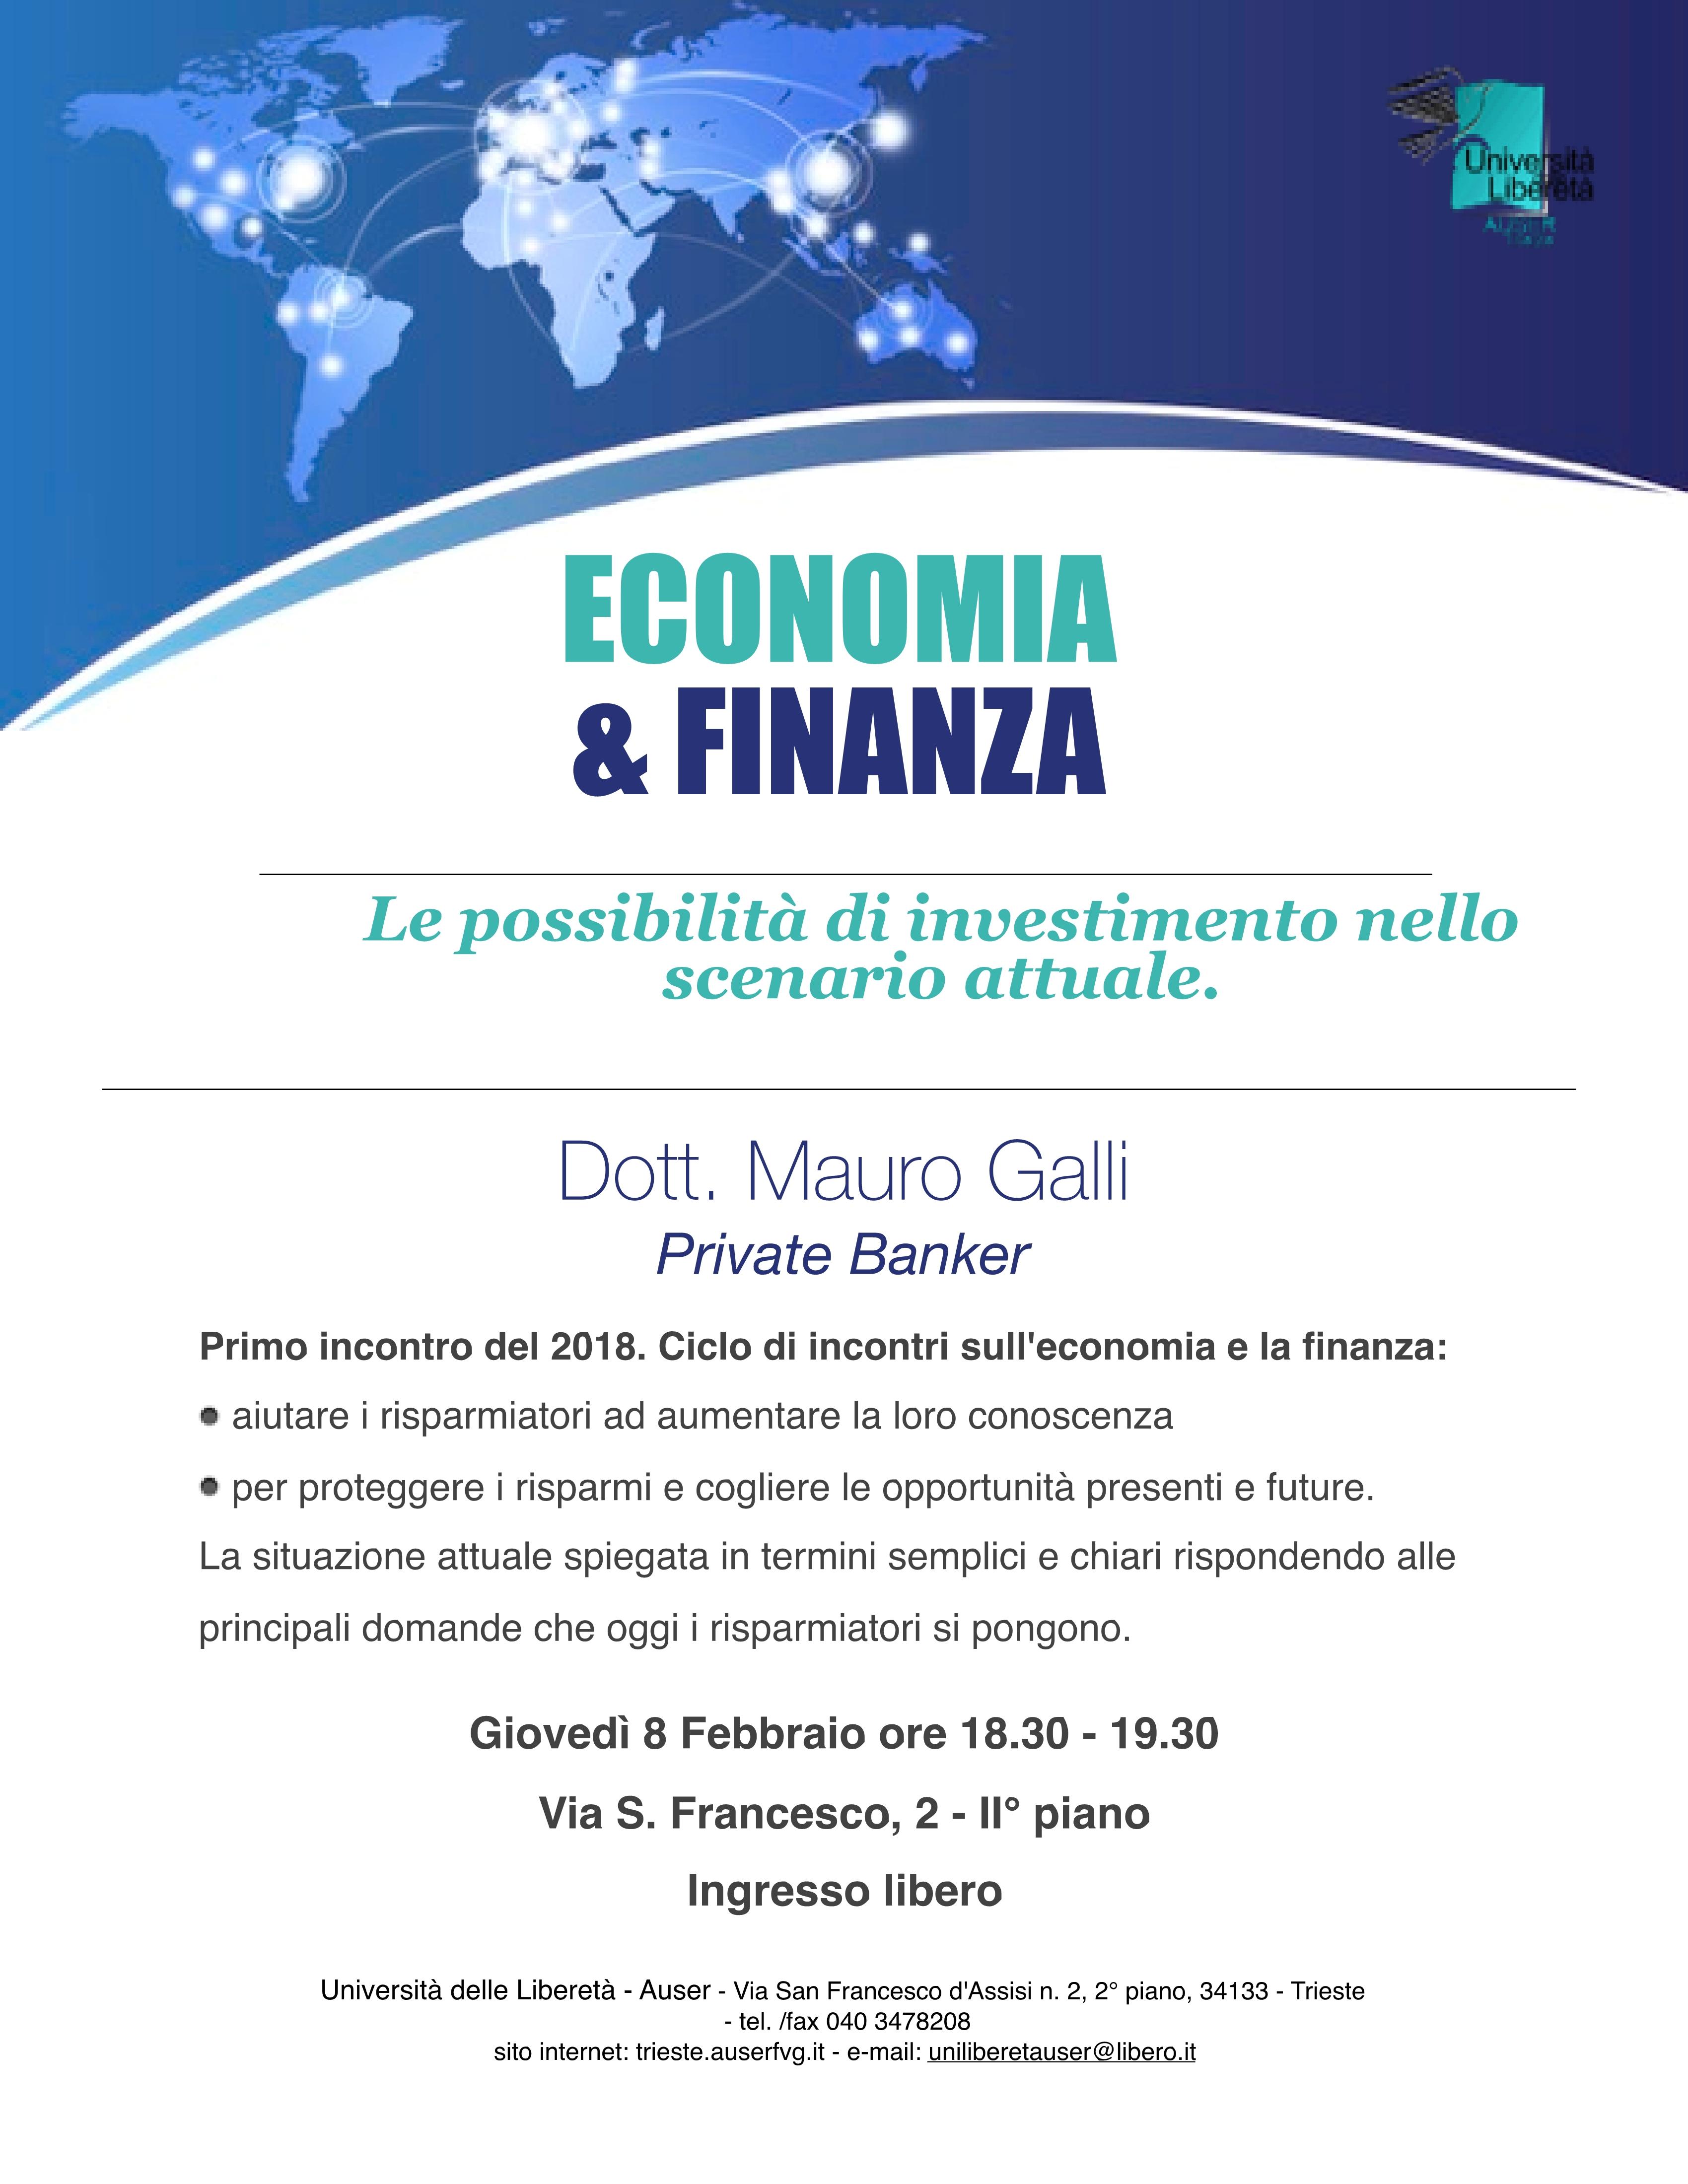 Economia e finnza 8 febbraio 20181